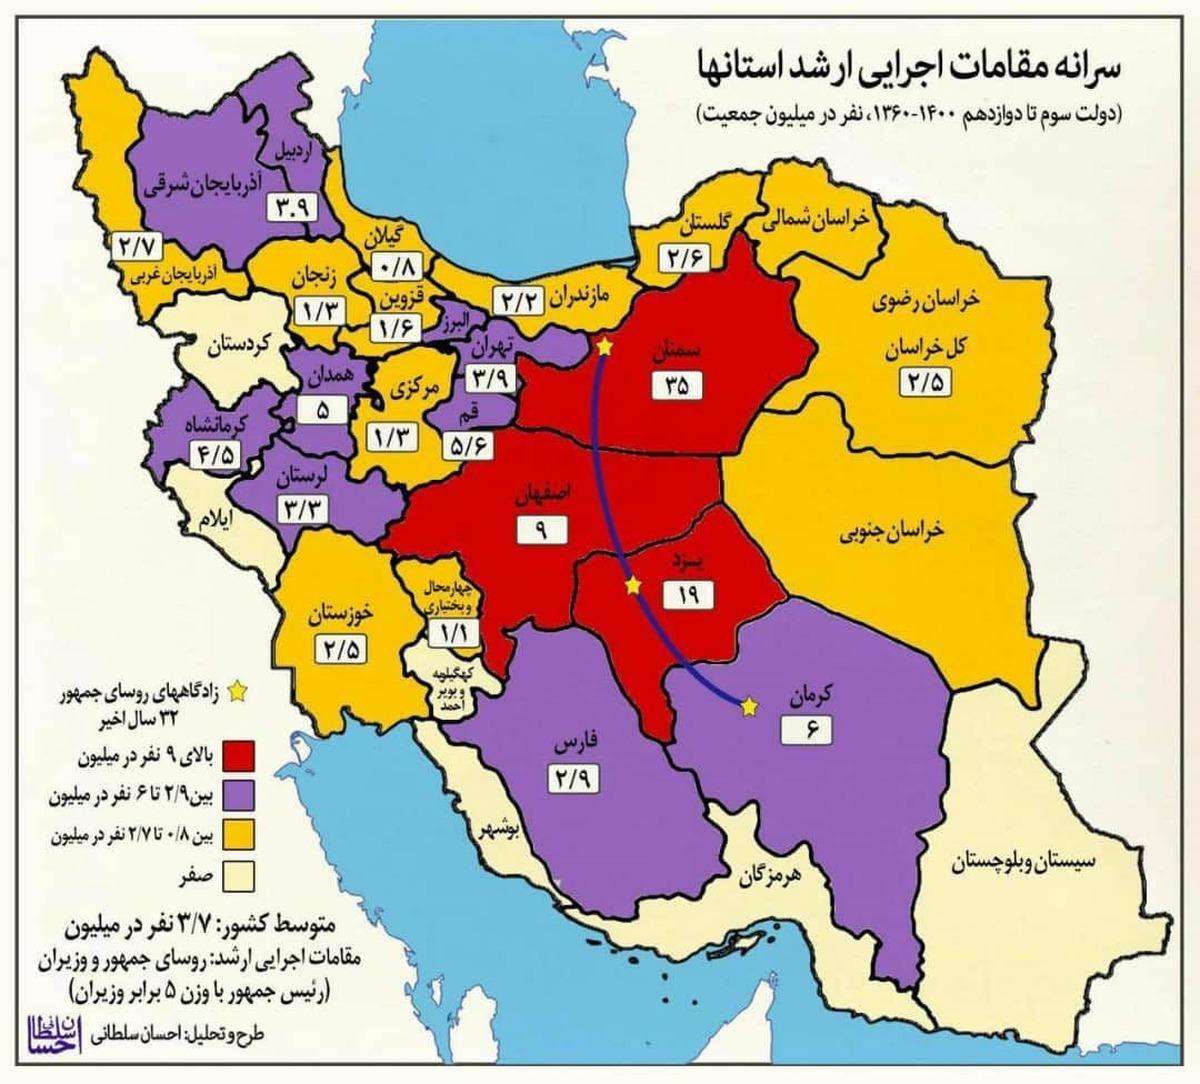 سهم استان ها از مقامات اجرایی ارشد کشور